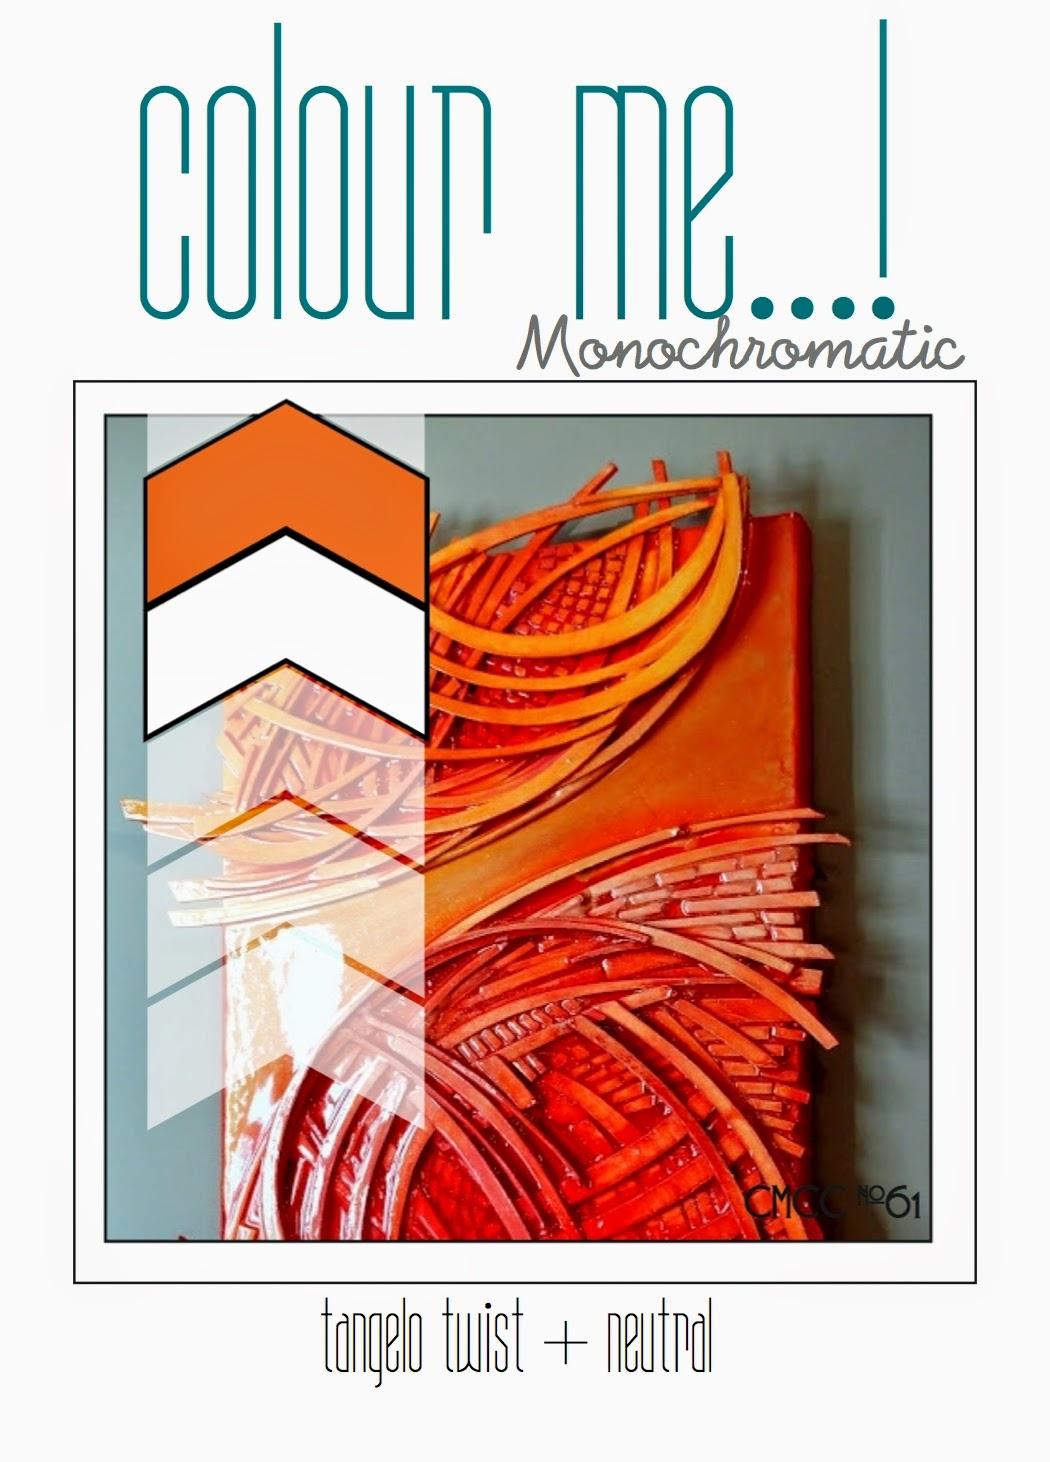 http://colourmecardchallenge.blogspot.com/2015/03/cmcc61-colour-me-monochromatic.html